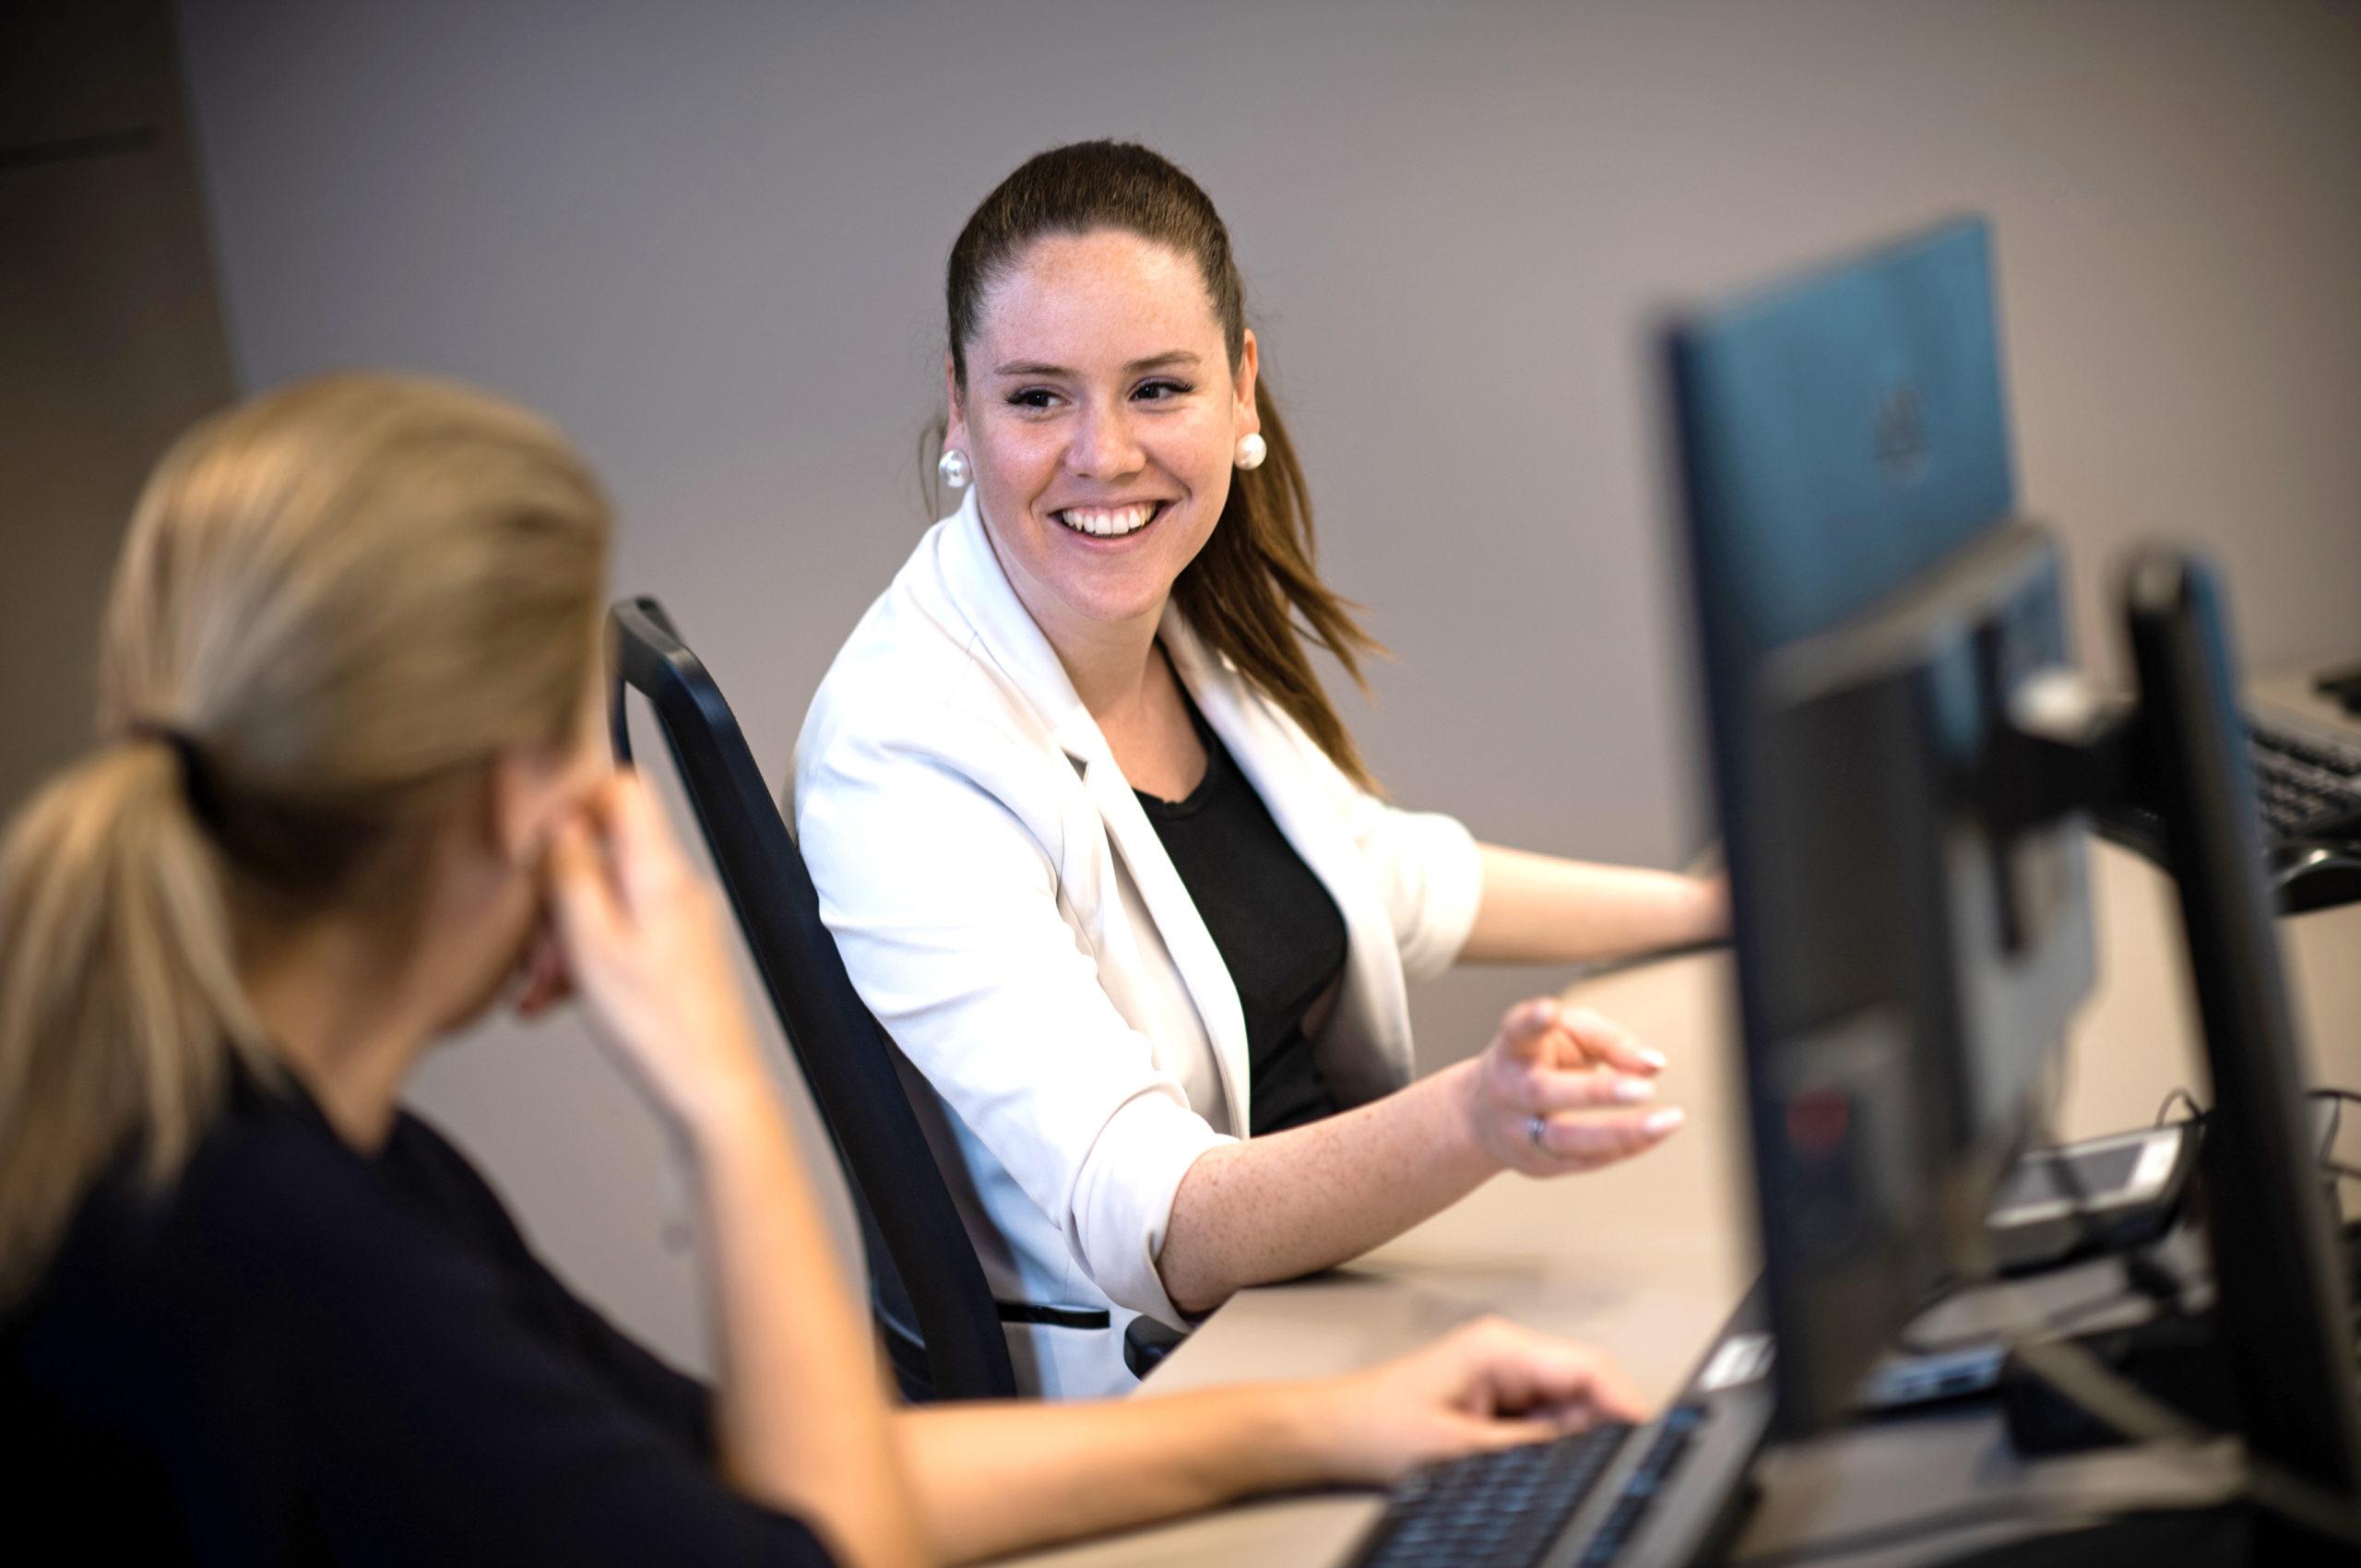 Zwei Frauen sitzen am Computer und unterhalten sich